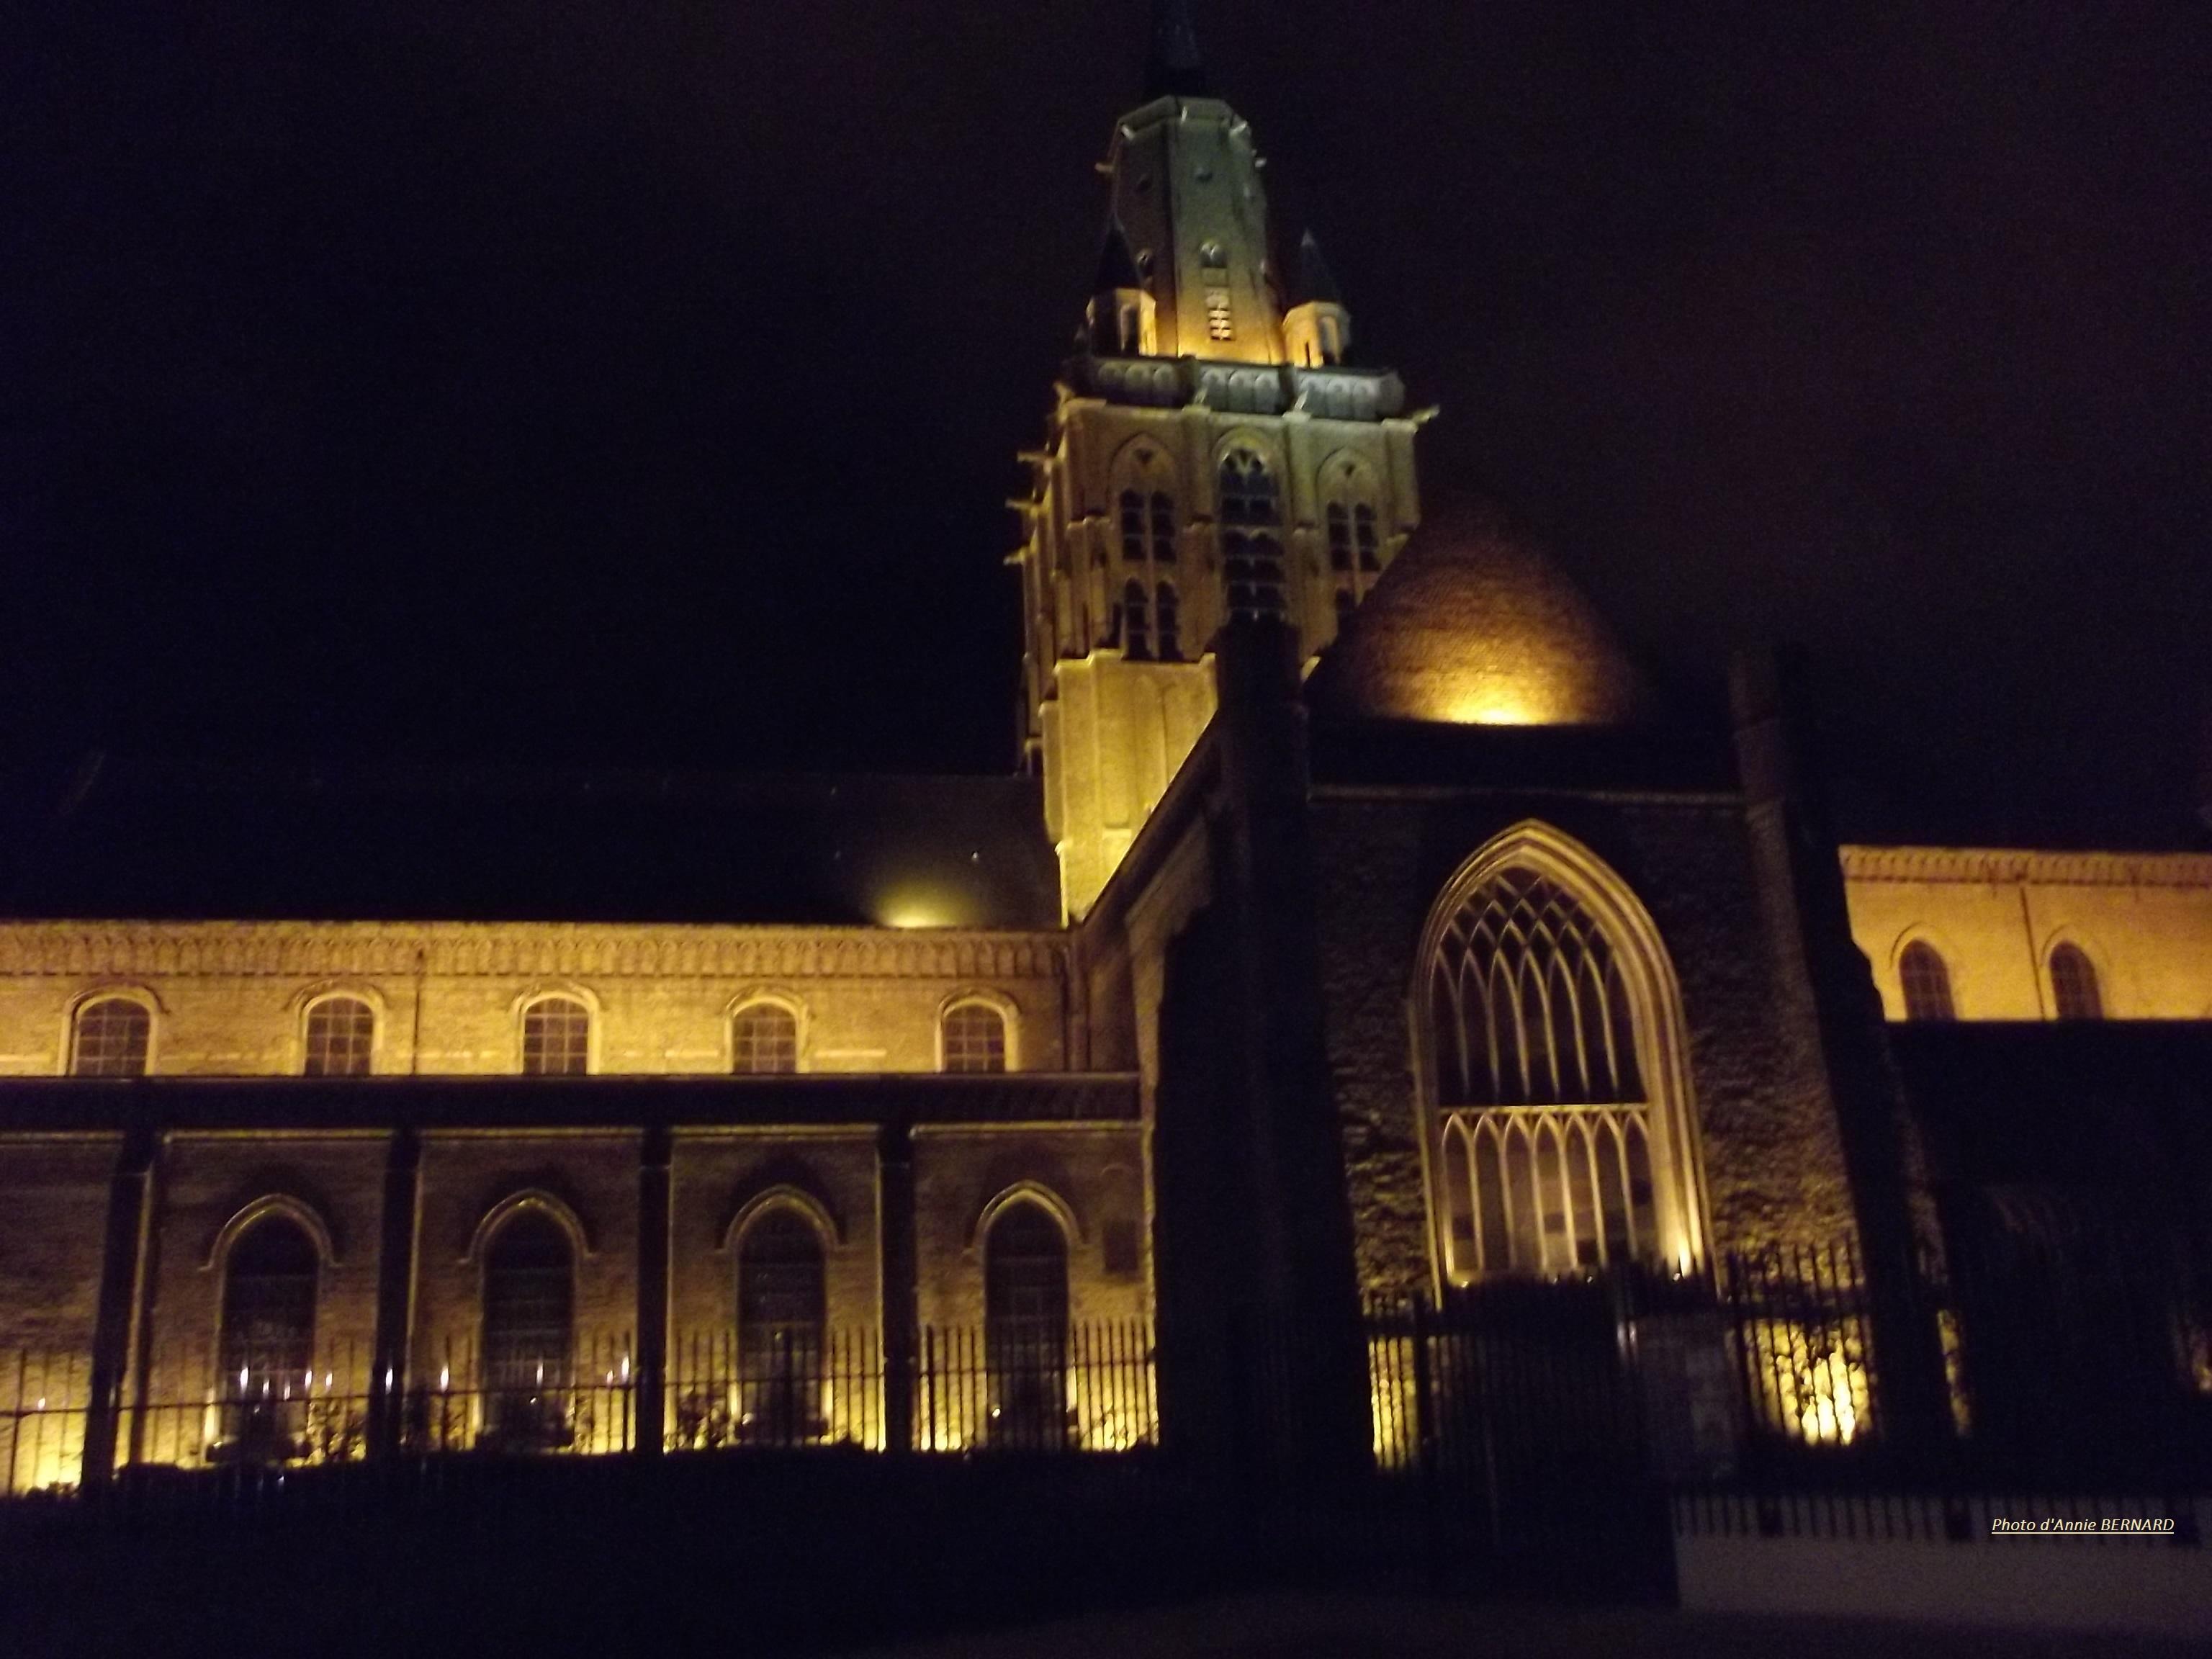 Eglise Notre-Dame de nuit à Calais